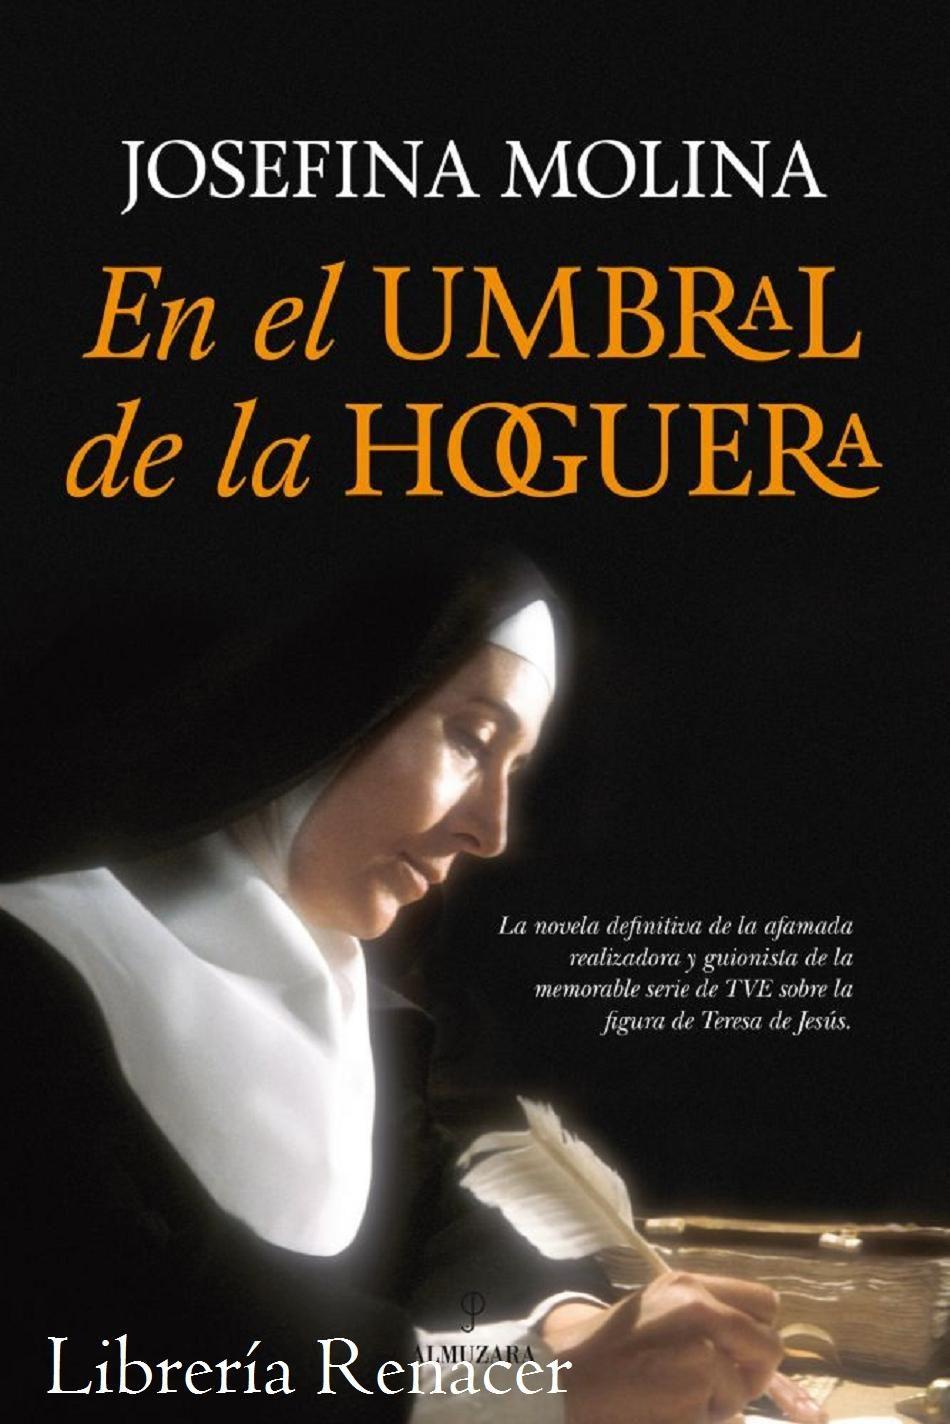 EN EL UMBRAL DE LA HOGUERA